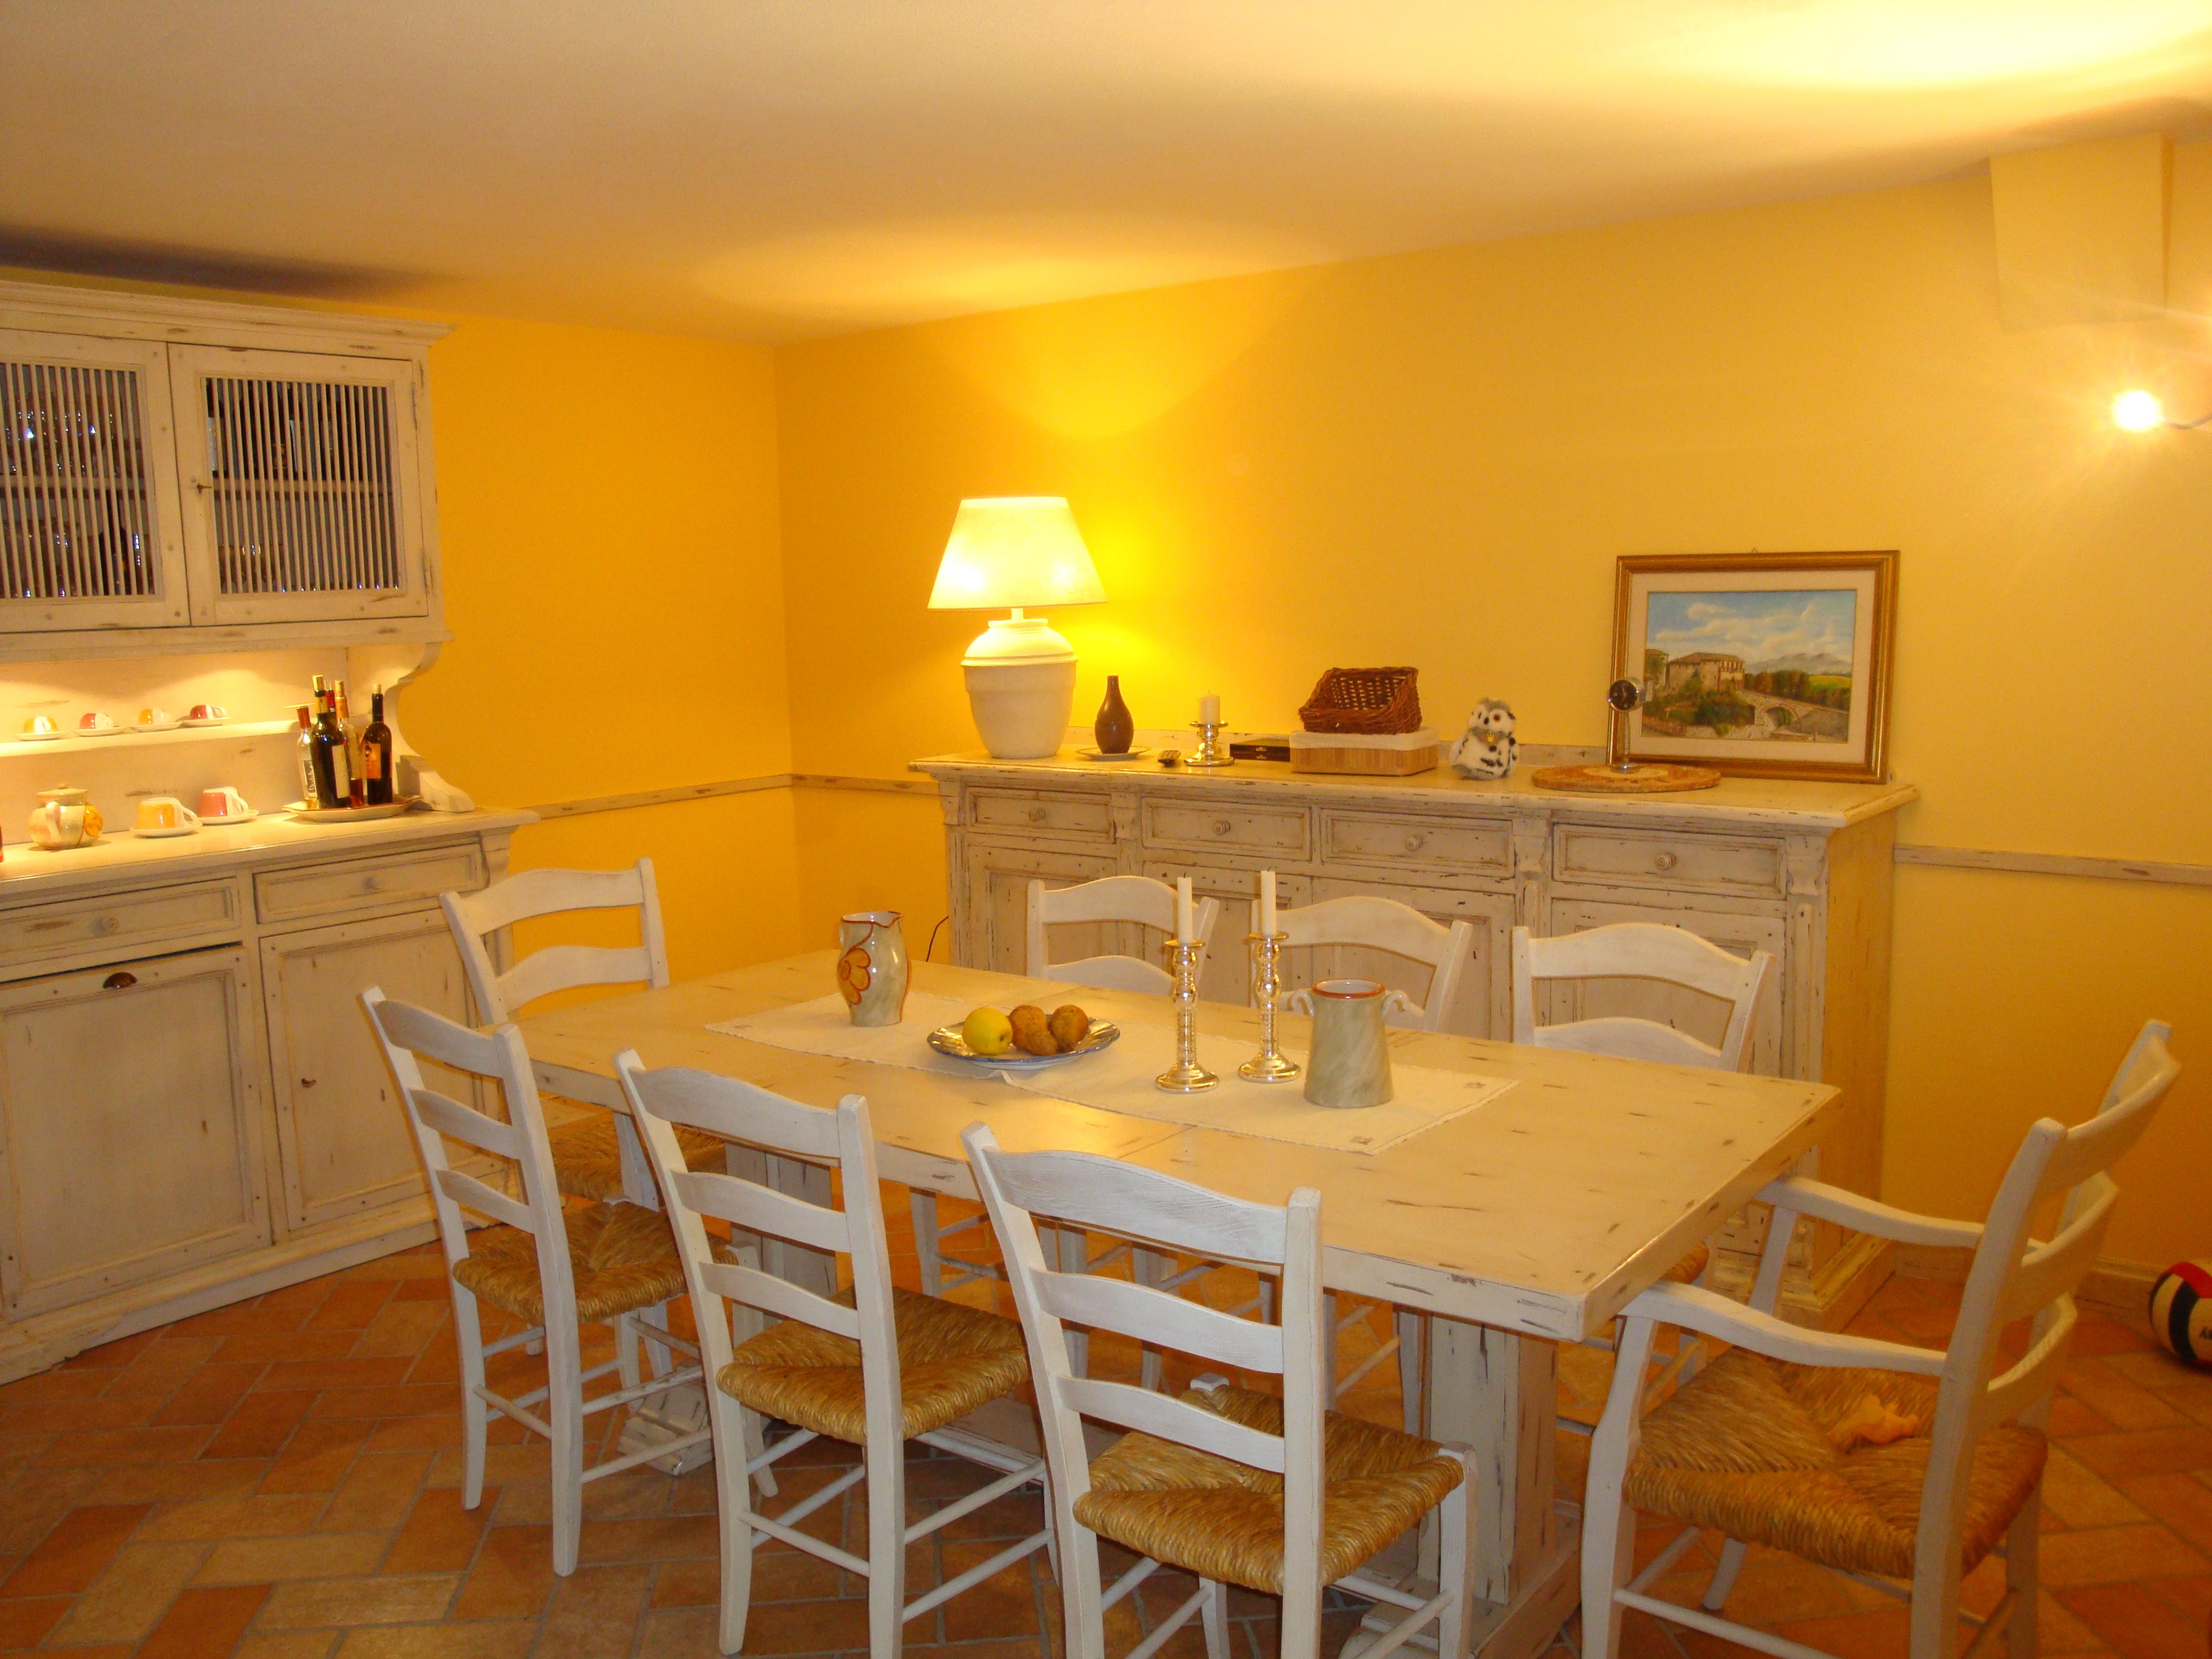 Cucina maniglie gialle - Cucine moderne gialle ...